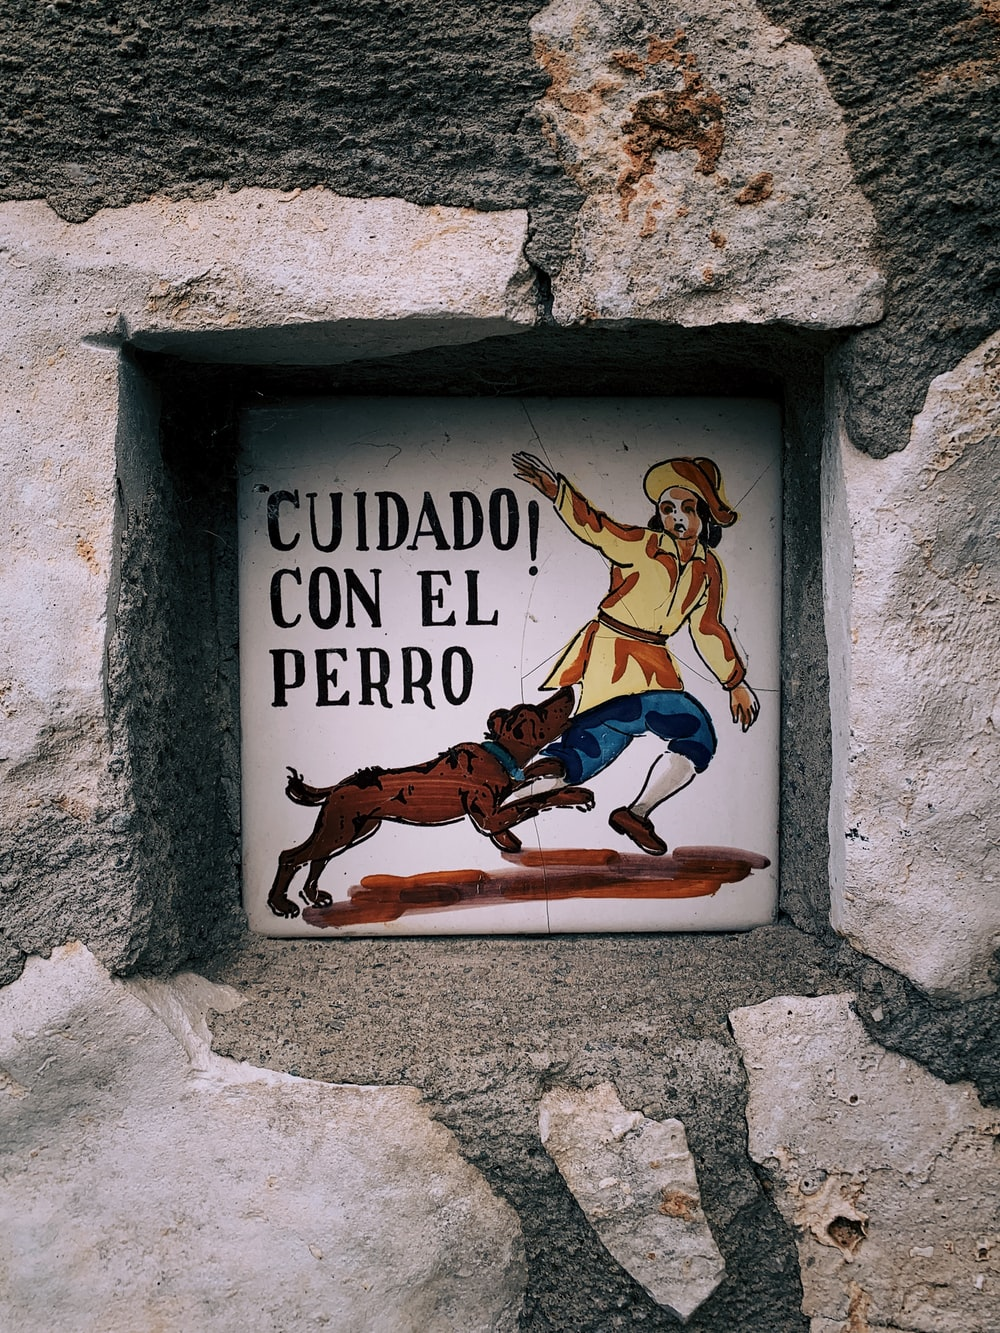 Cuidado Con El Perro wall sign